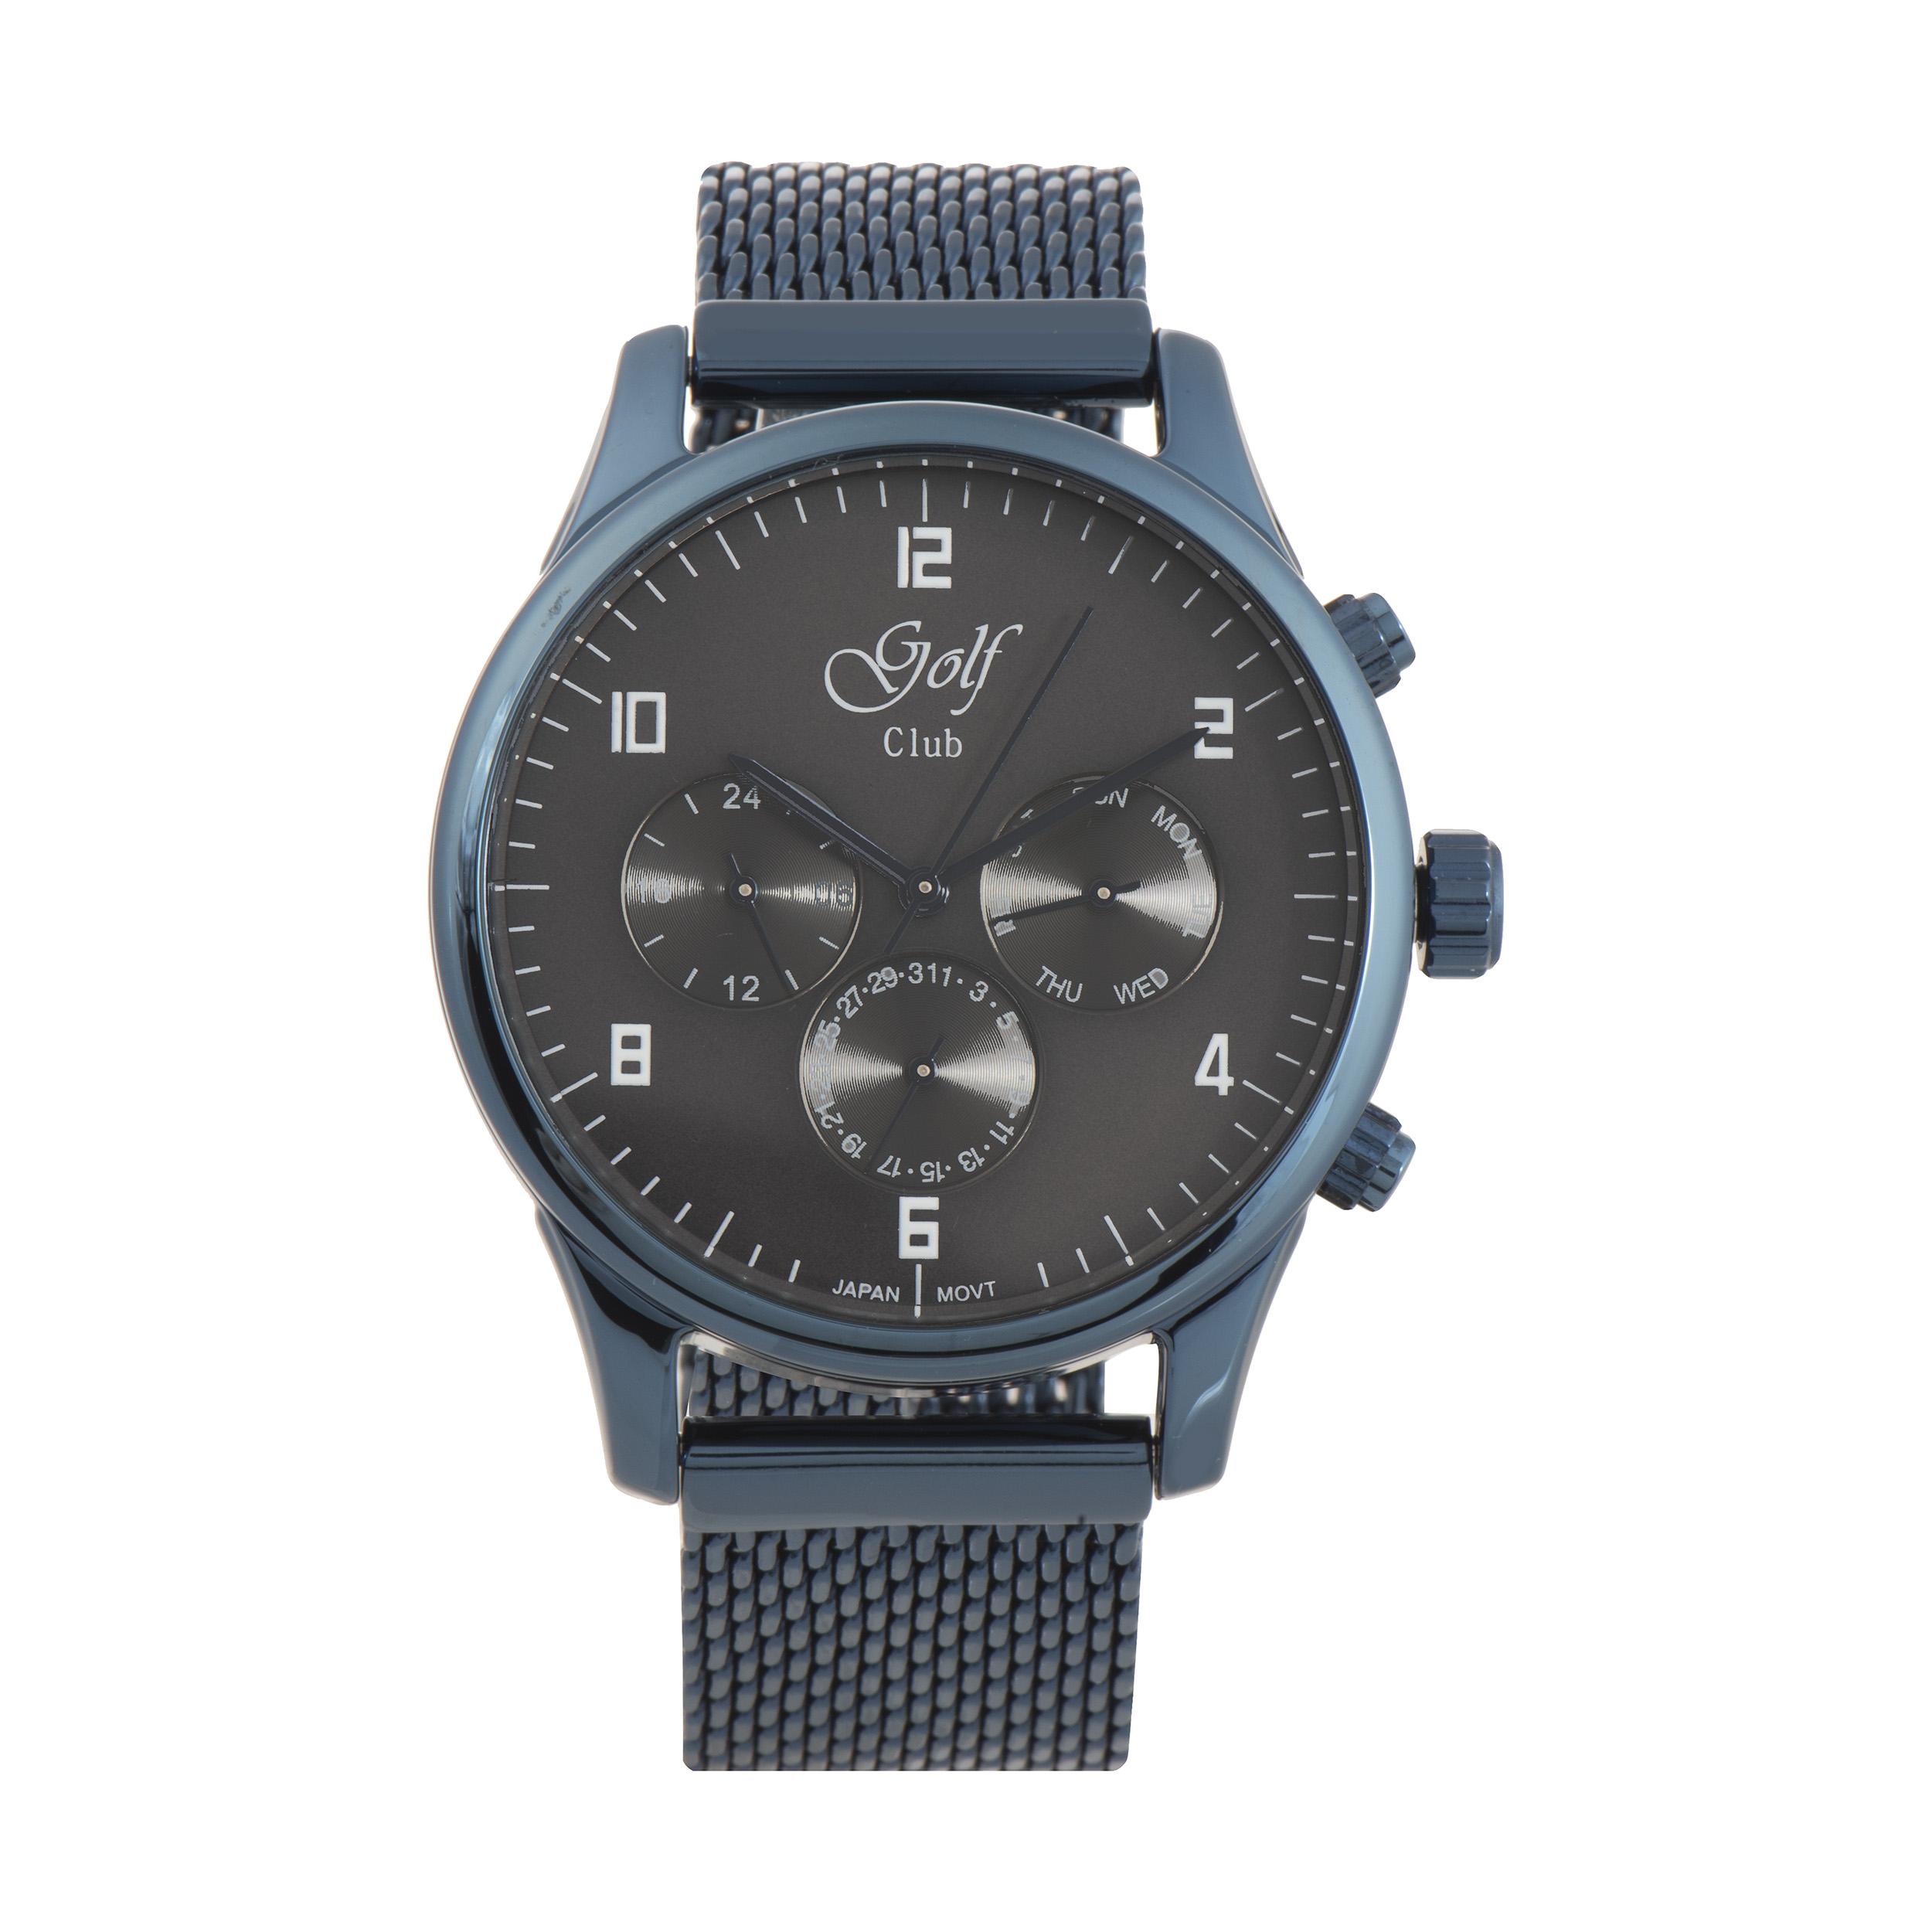 ساعت مچی عقربه ای مردانه گلف کلاب مدل 123-1